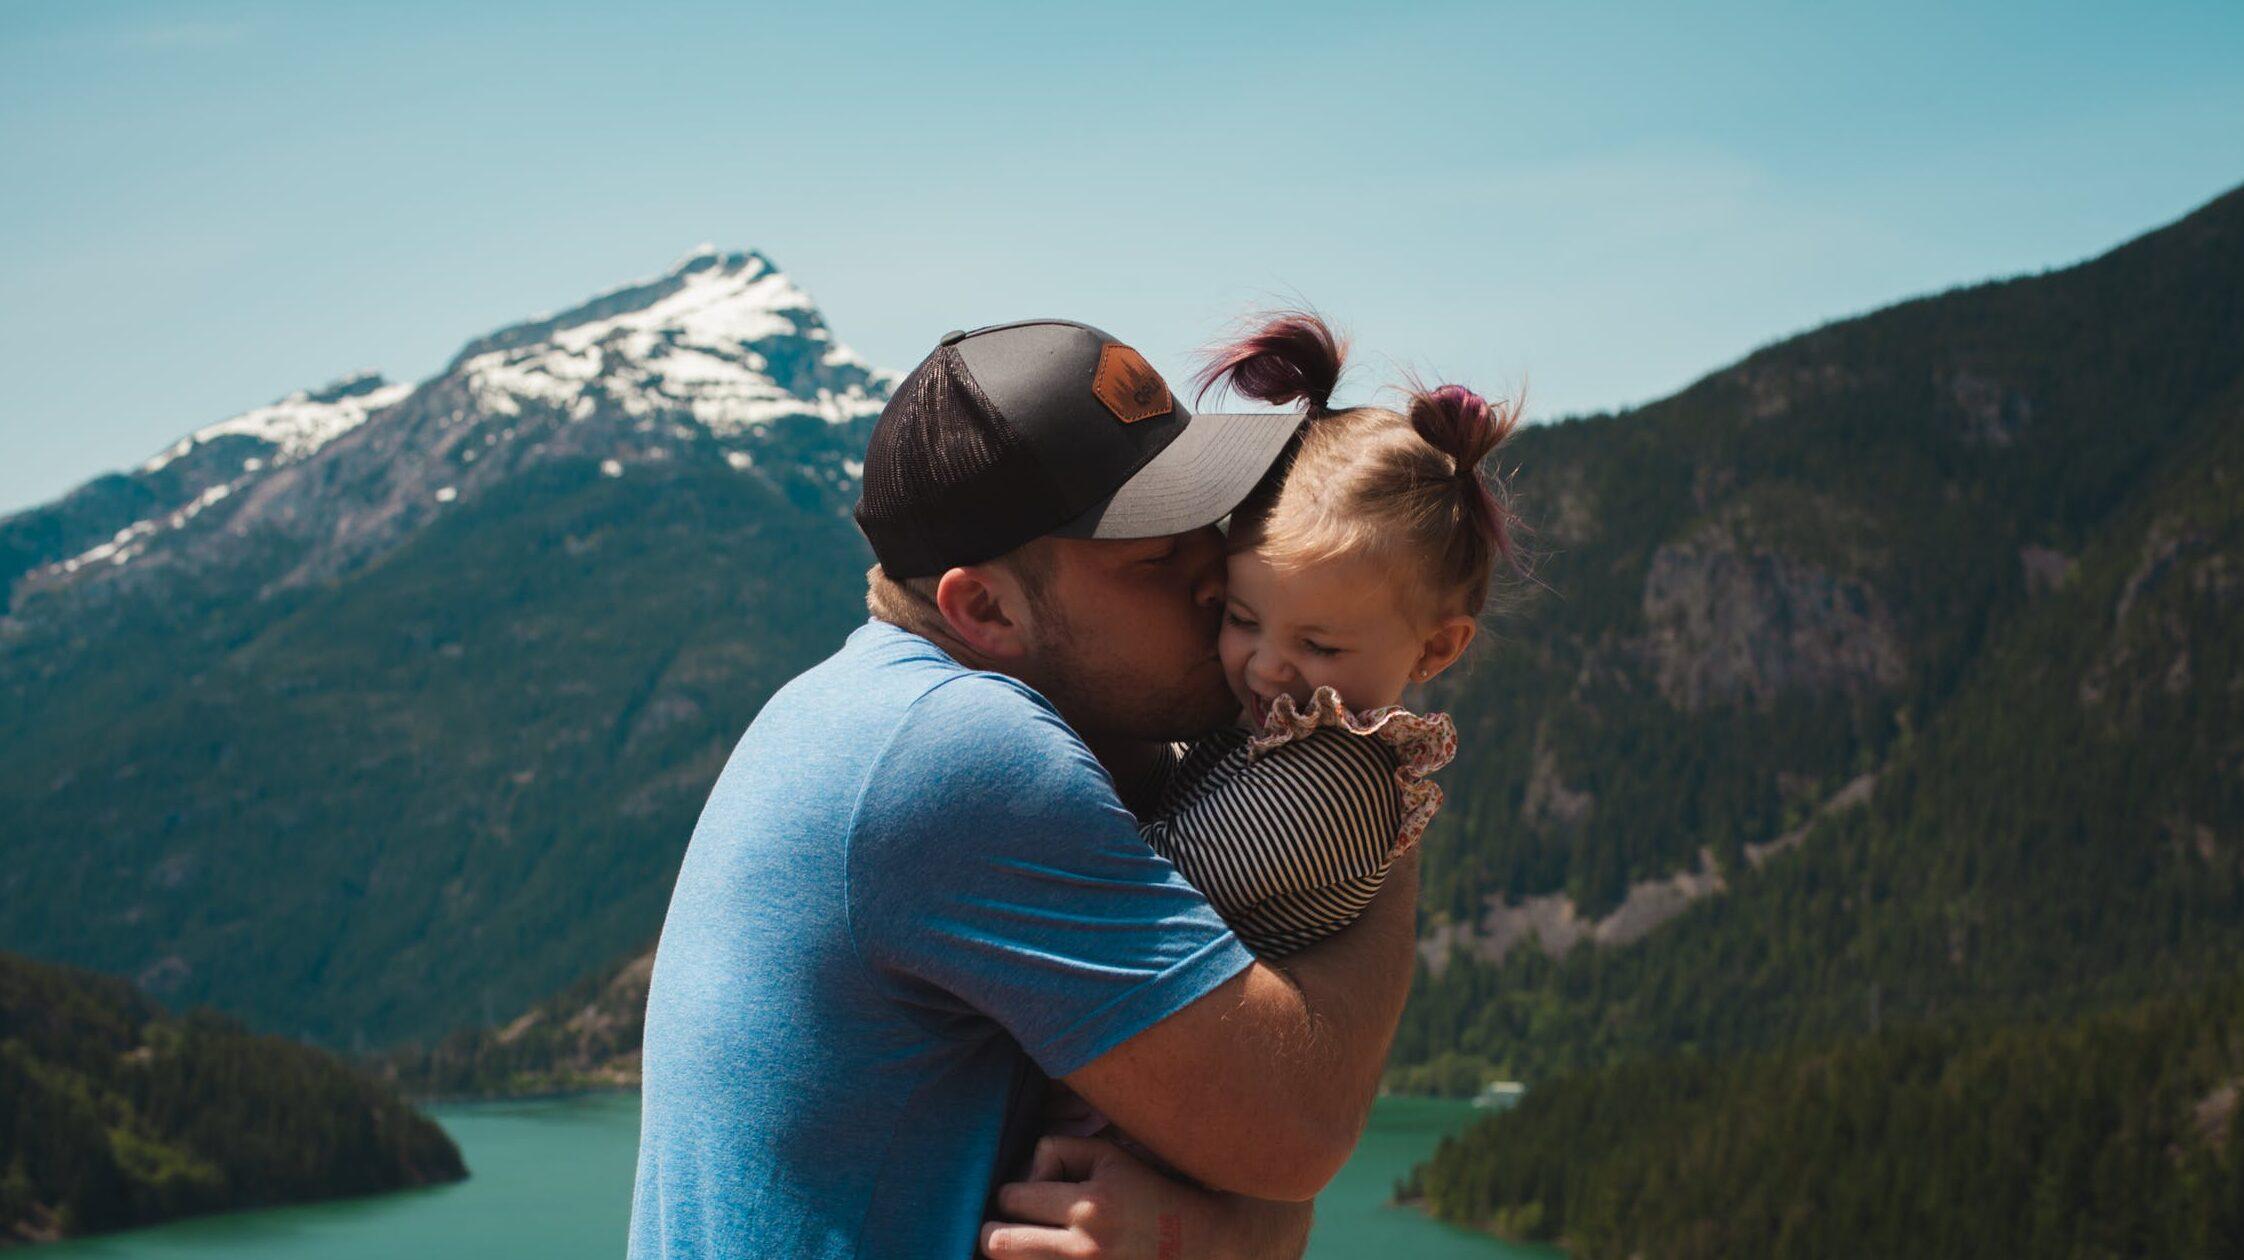 パパっ子の特徴からパパっ子になる理由をさぐる!そして、パパっ子にするには簡単な方法があるので伝授します!のイメージ画像3